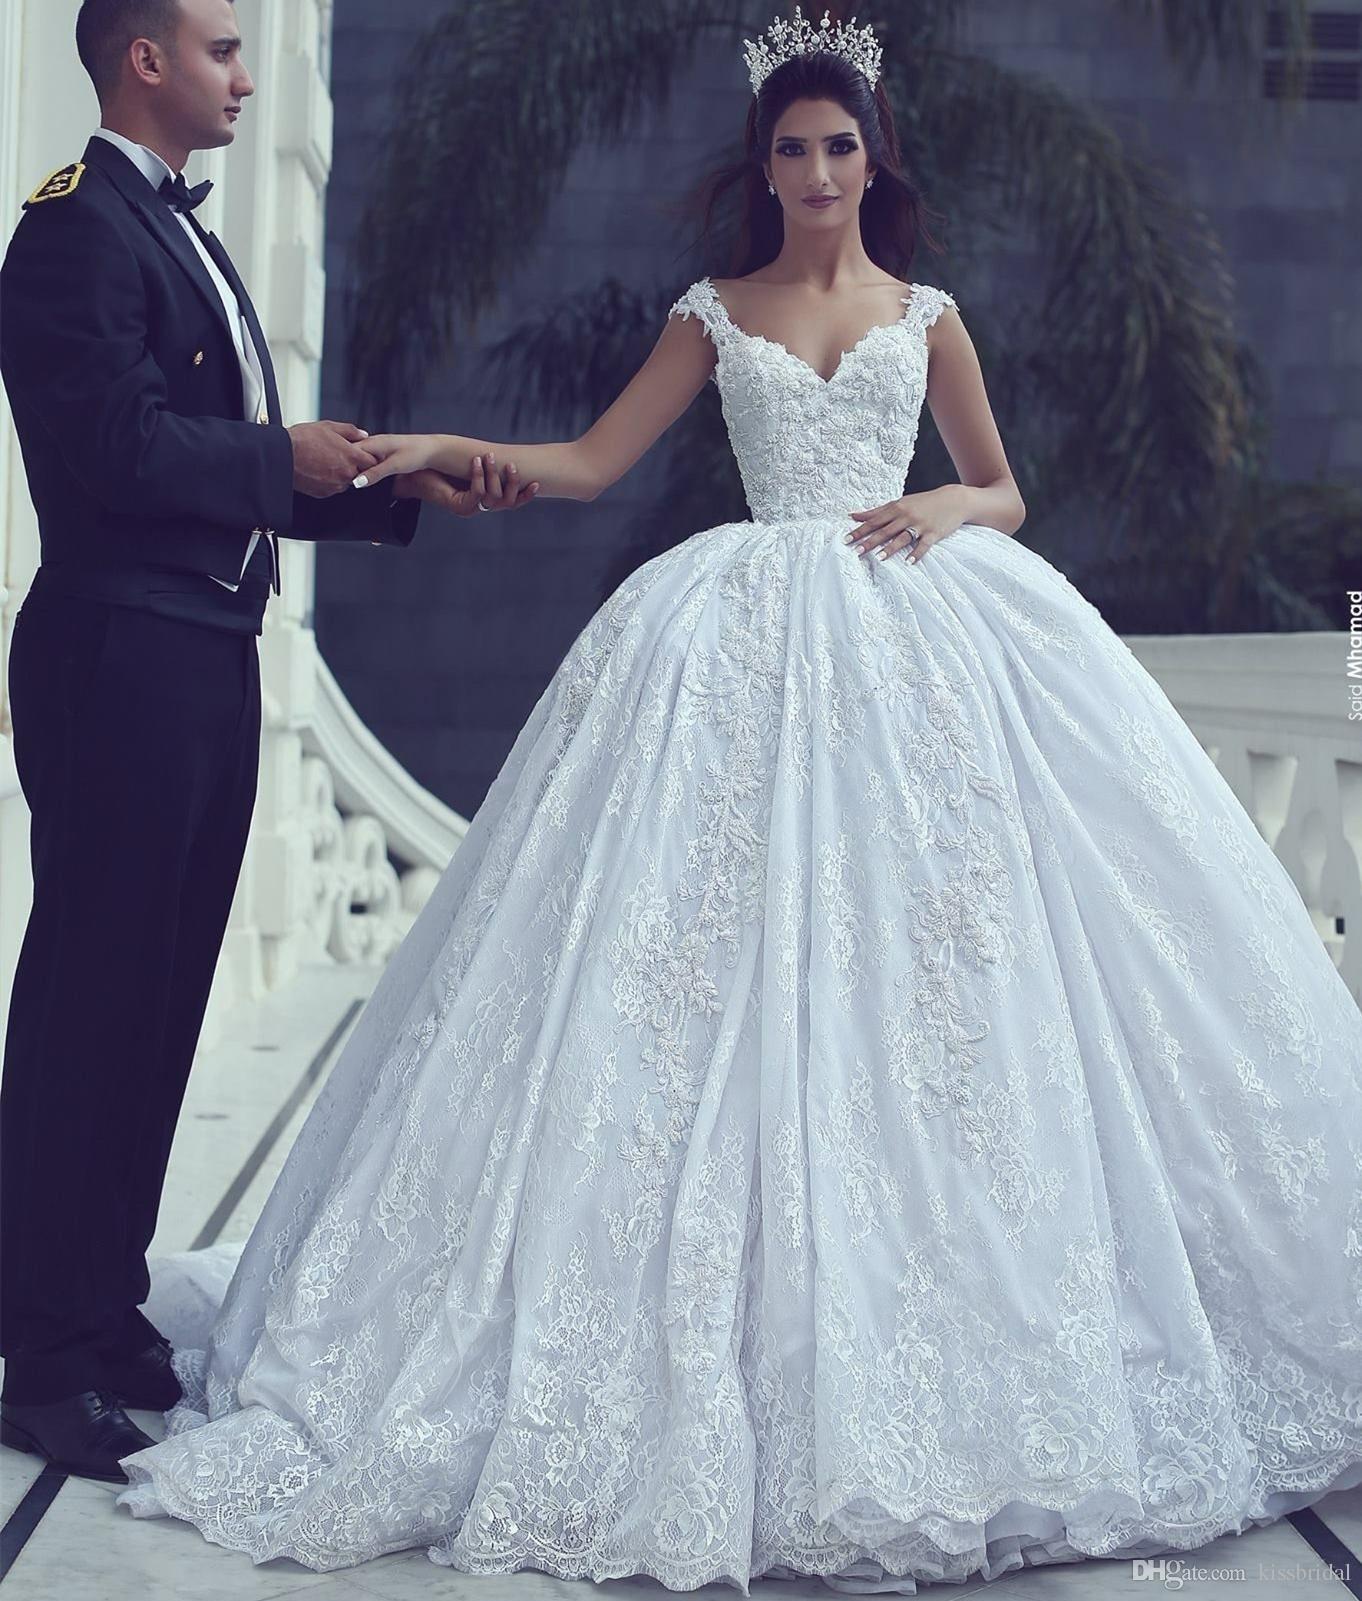 Robes De Mariée Princesse Robe De Mariée 2019 Dentelle Appliques Robes De Mariée Avec Longue Robe De Chapelle Robe Formelle Pour La Mariée Avec Aucun